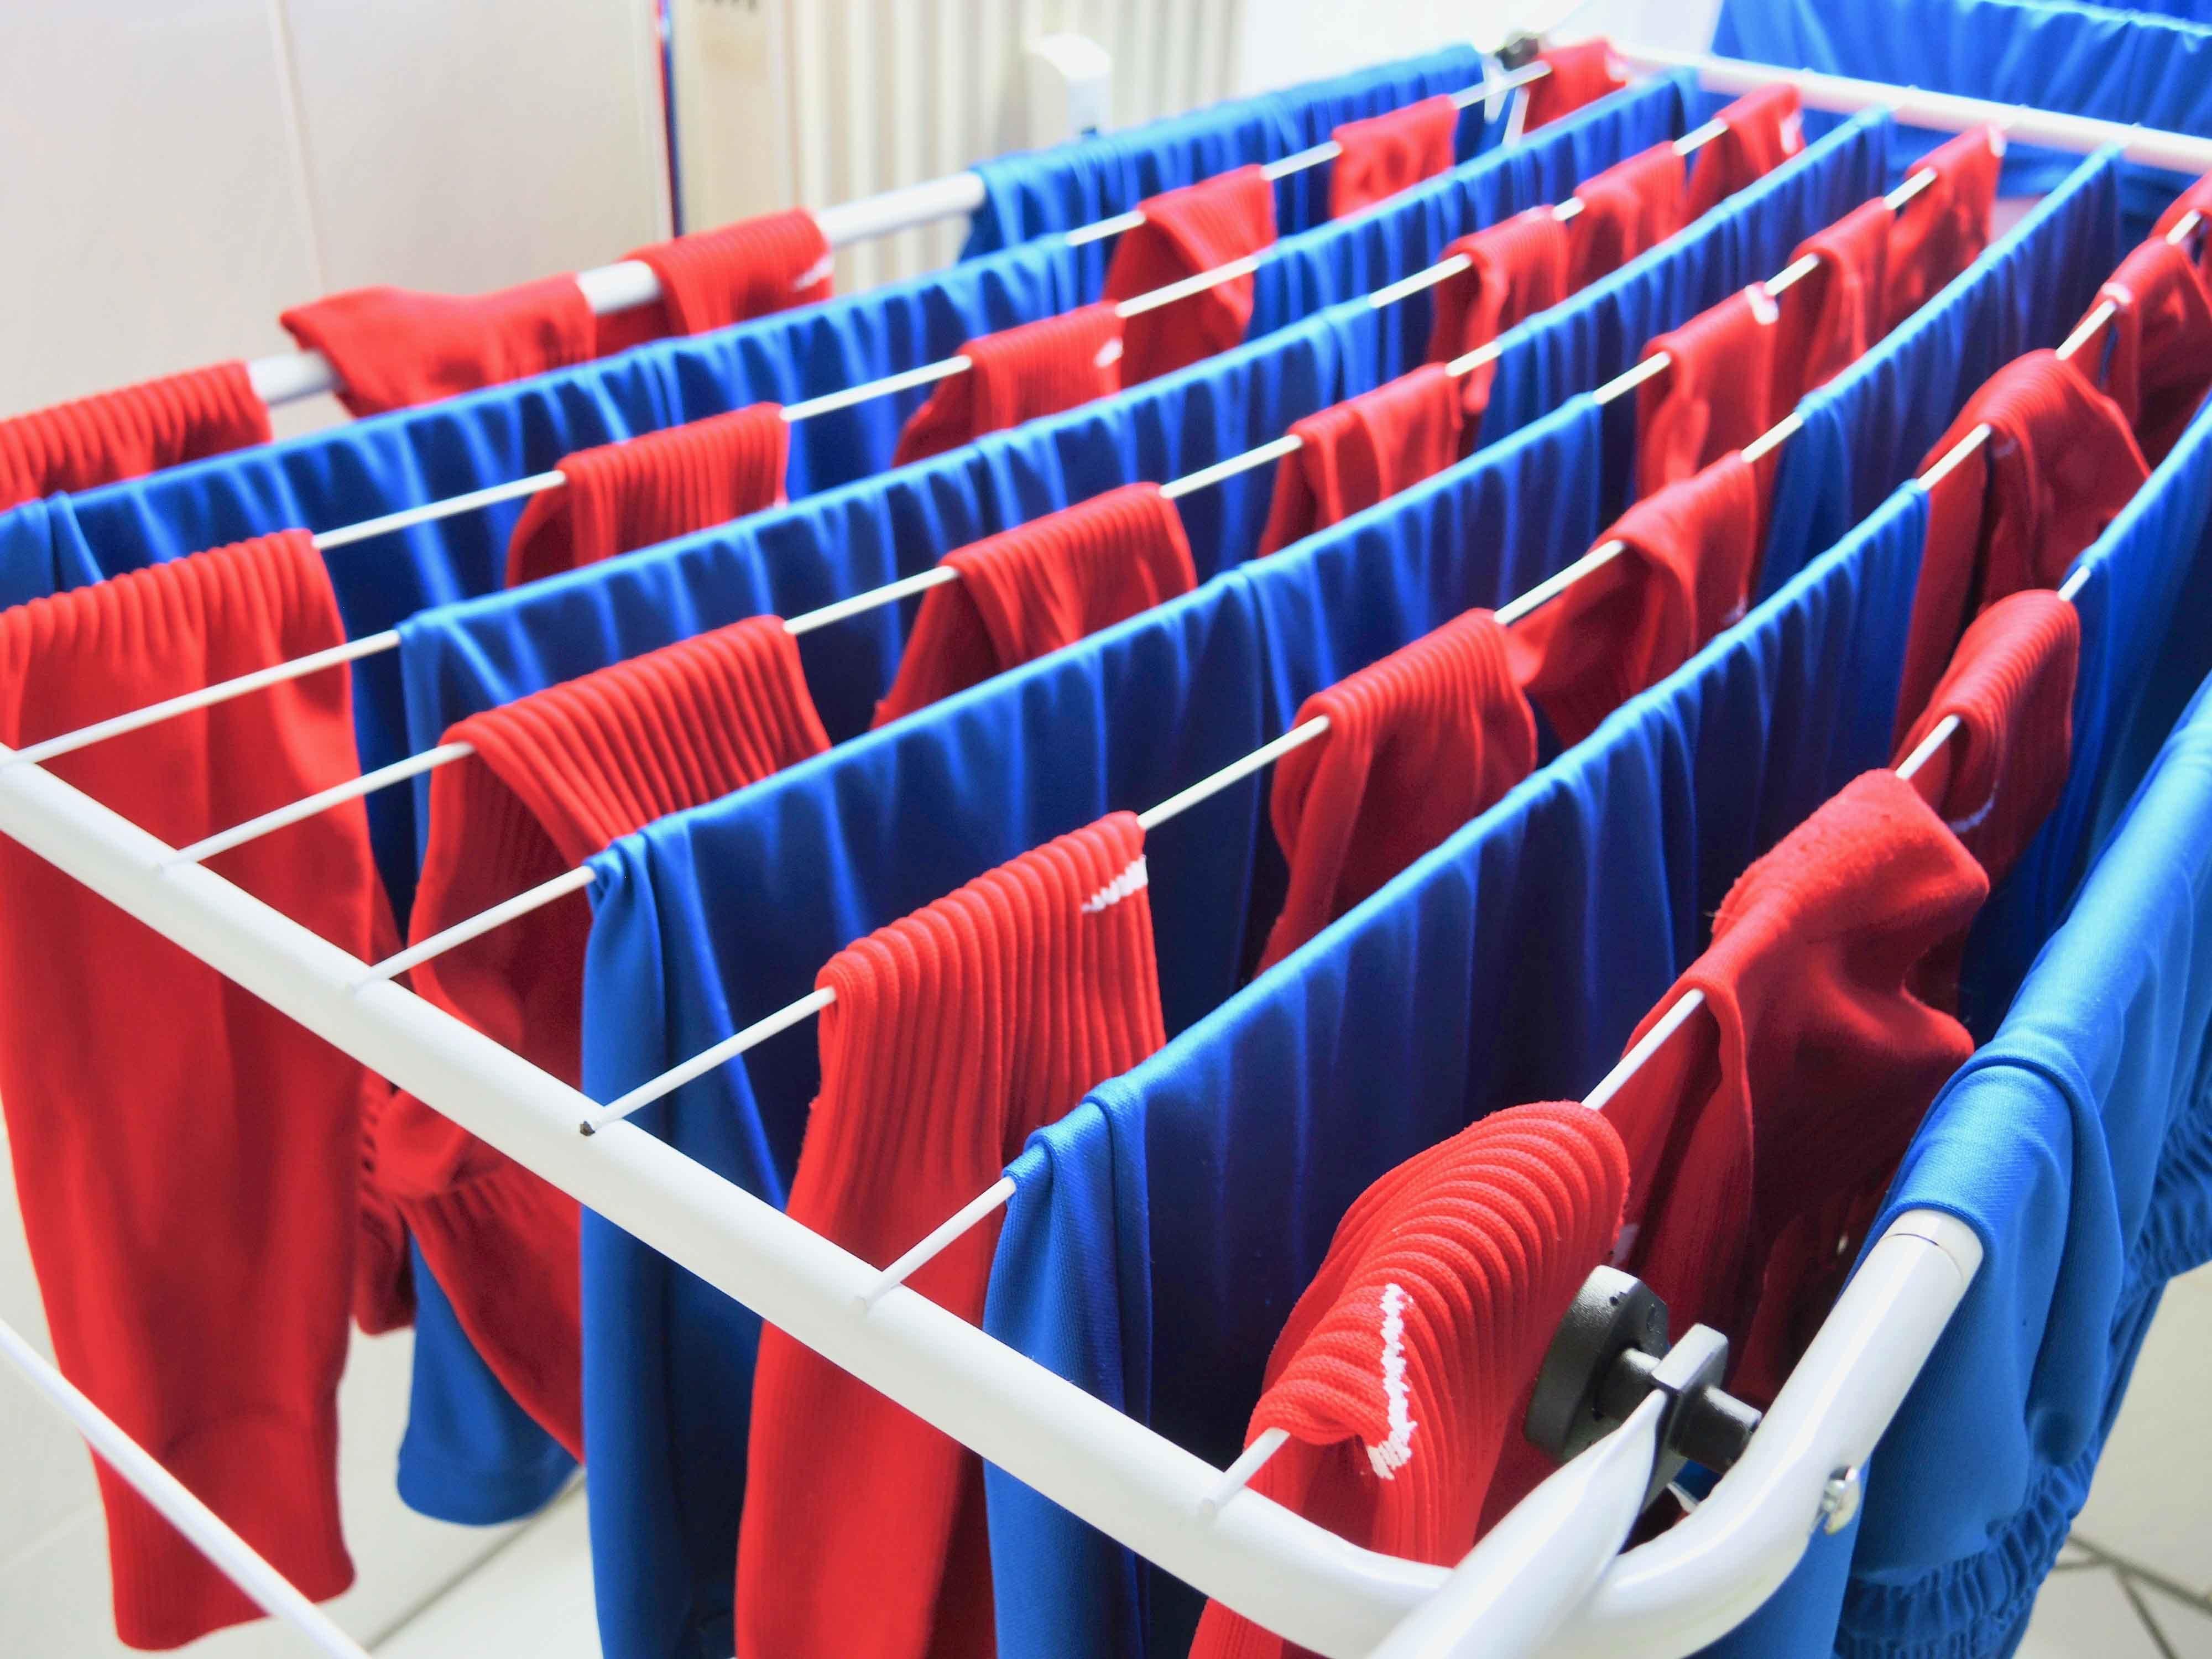 ハットトリックのあとの洗濯は苦にならない_c0192161_02060874.jpg